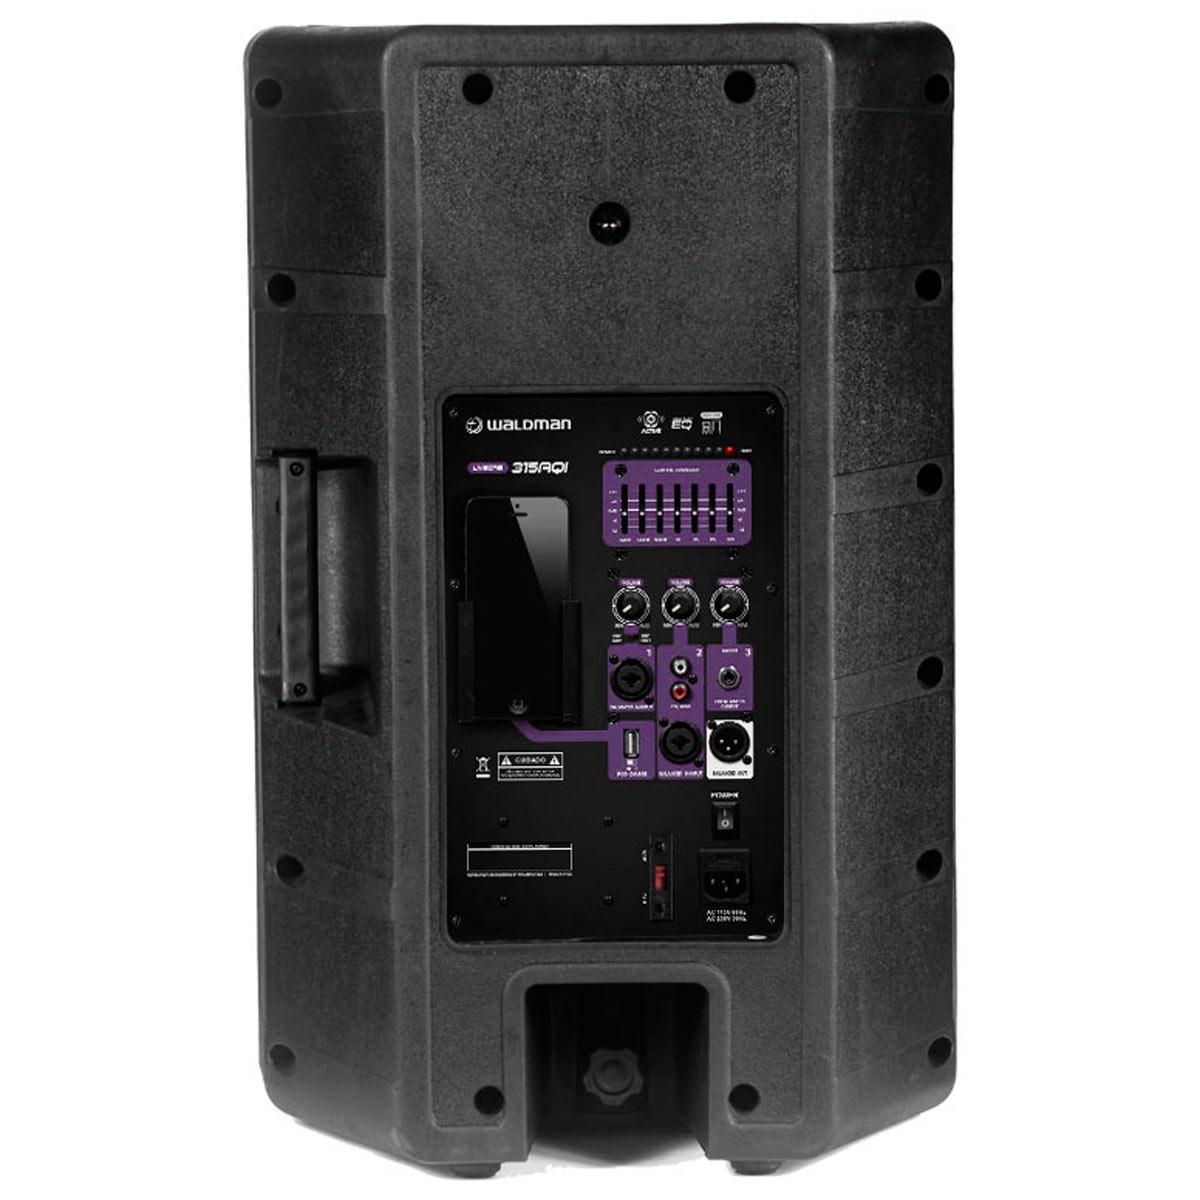 LC315AQI - Caixa Ativa 360W c/ Player USB LC 315 AQI - Waldman